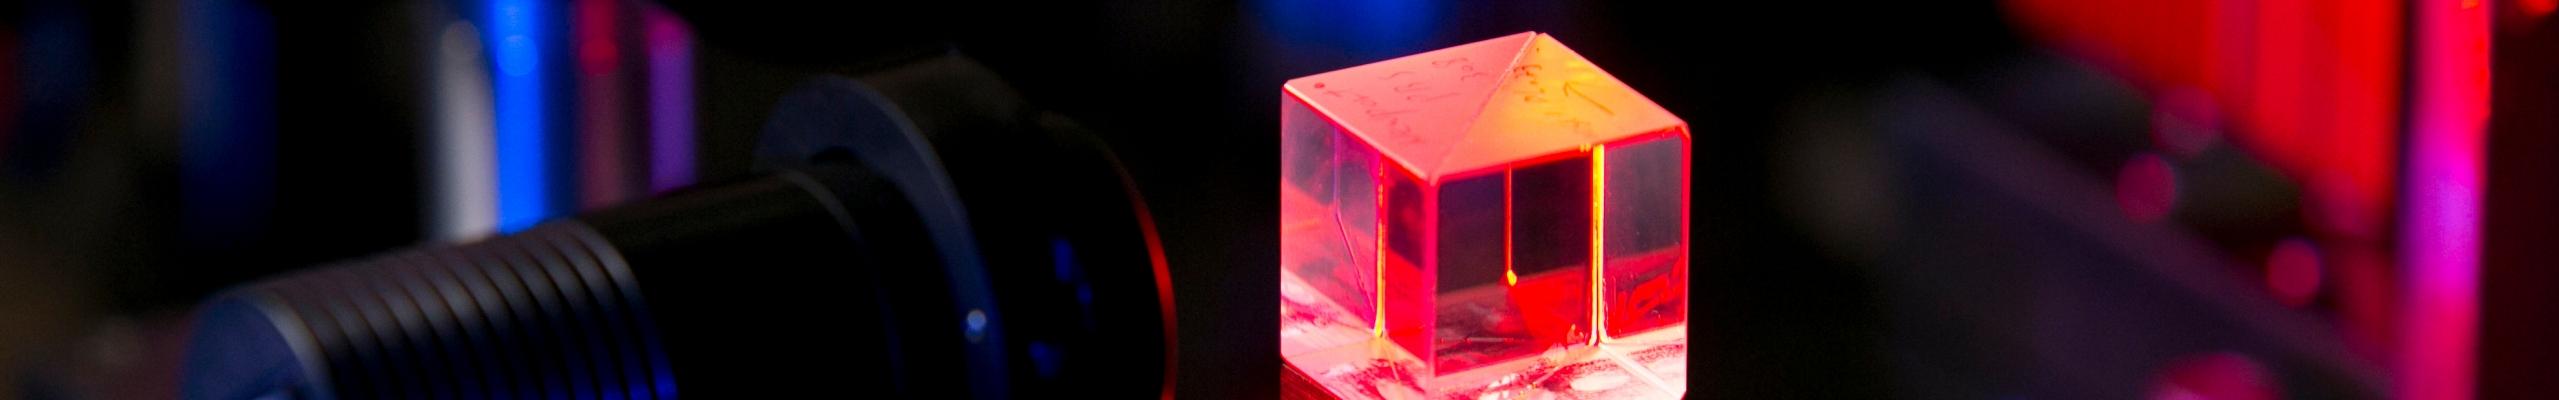 neon cube in Kim lab